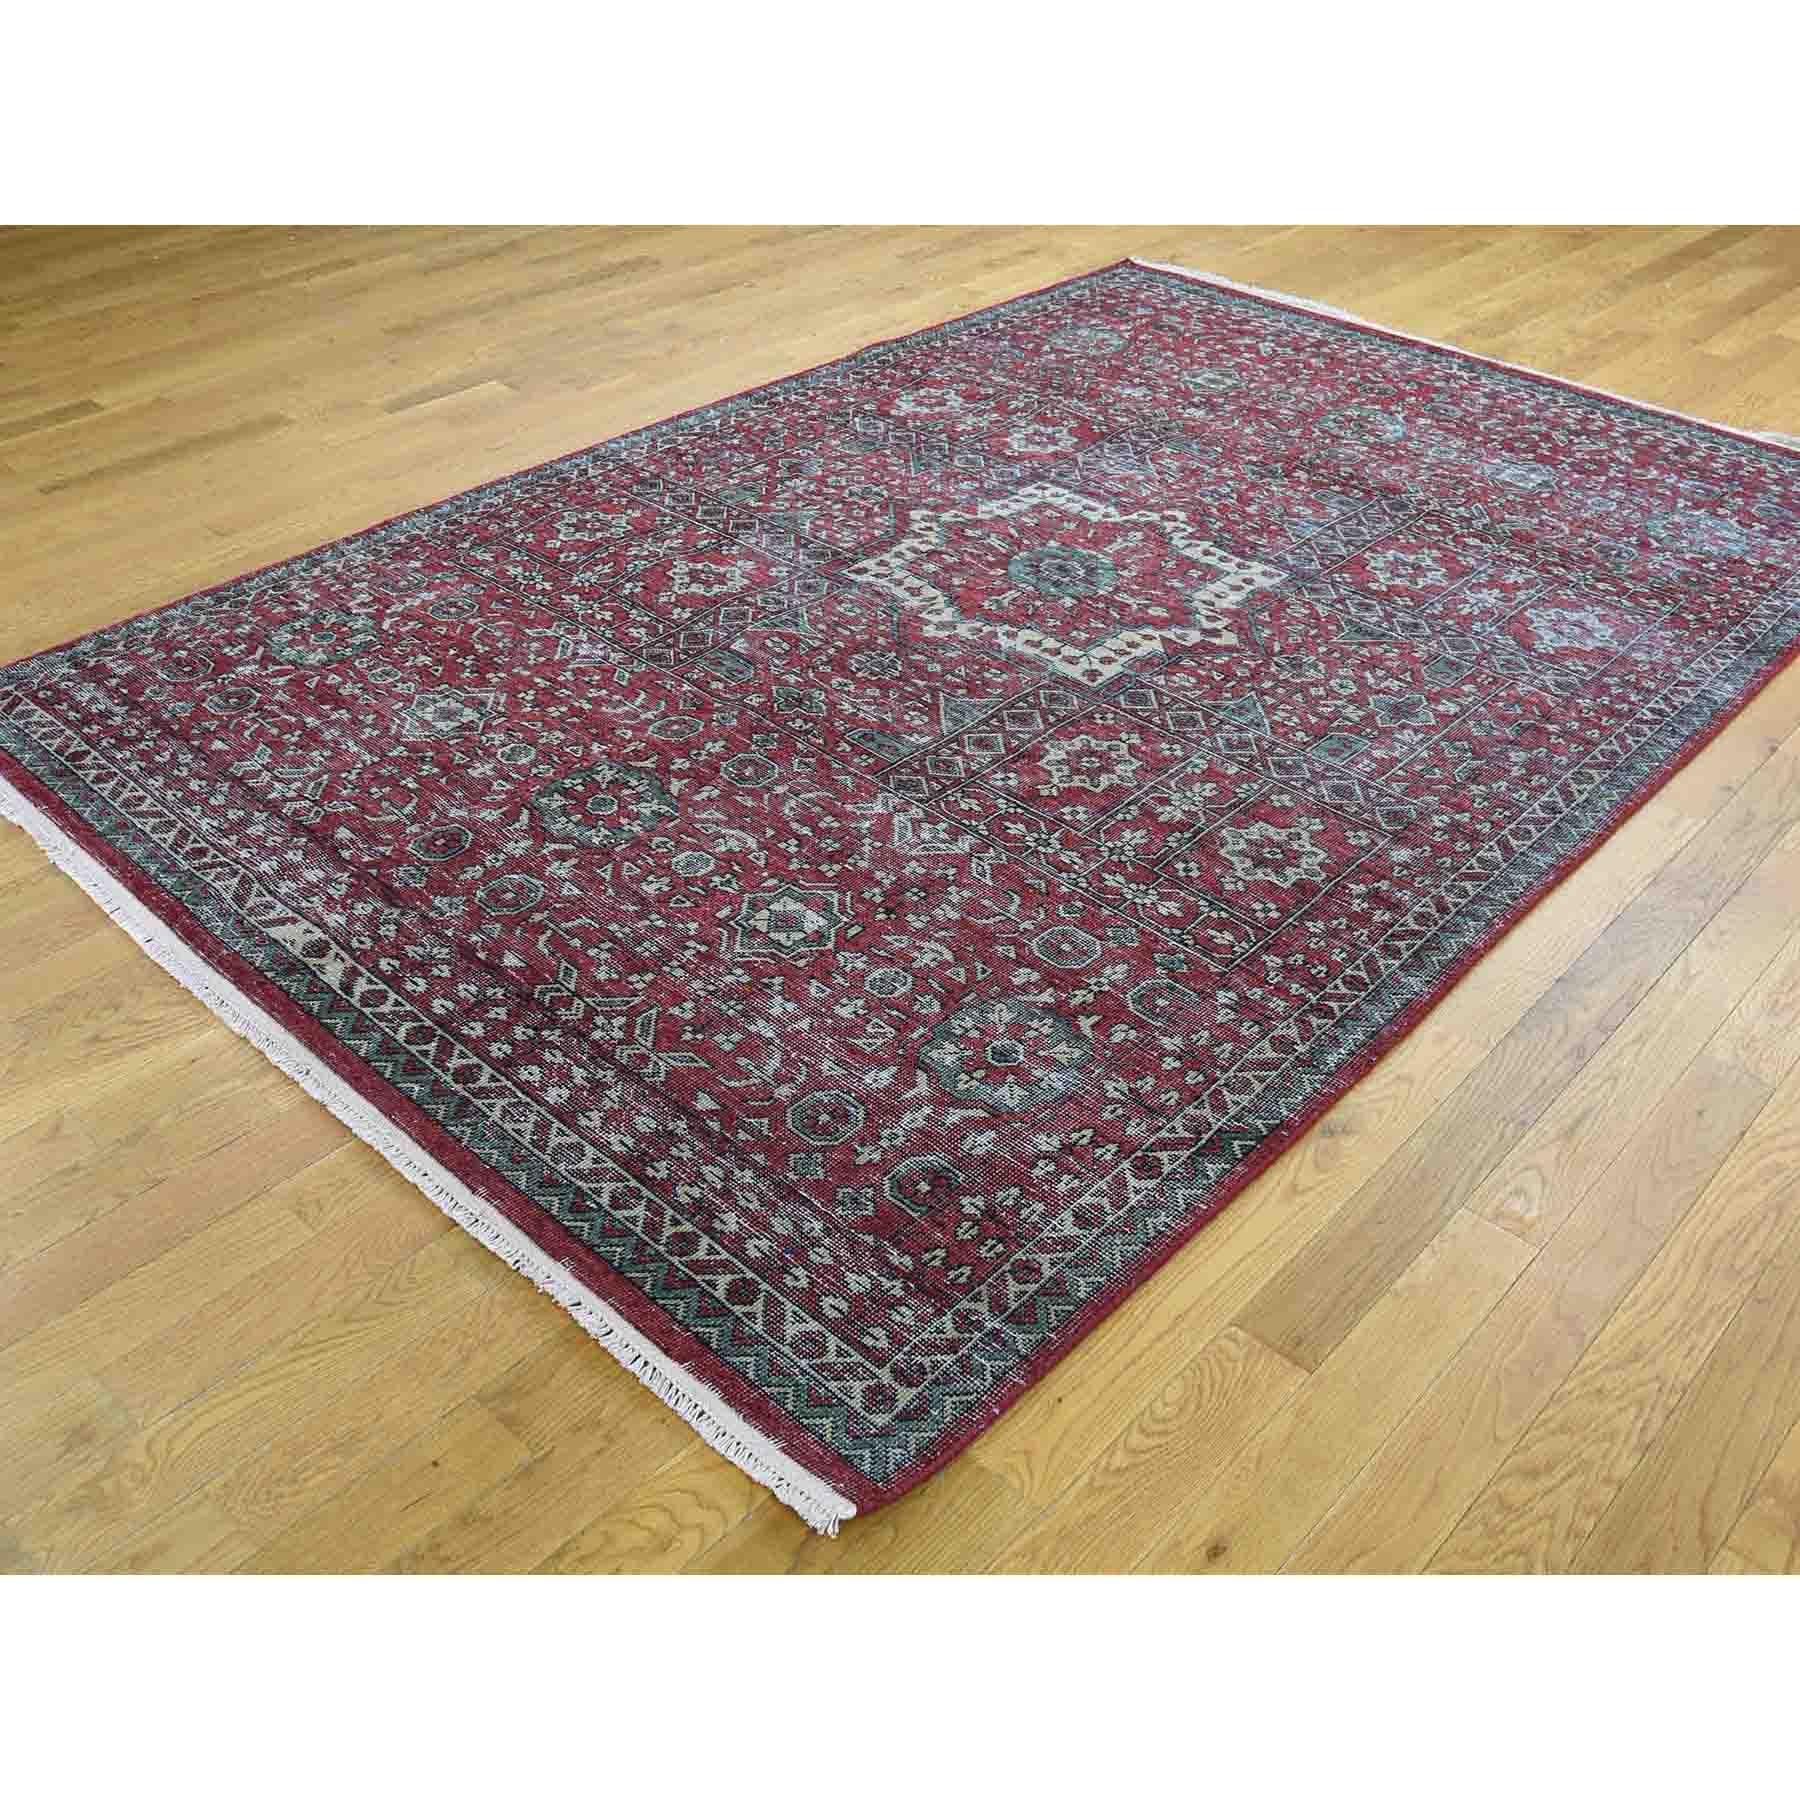 6-1 x9- Vintage Look Mamluk Zero Pile Shaved Low Worn Wool Rug